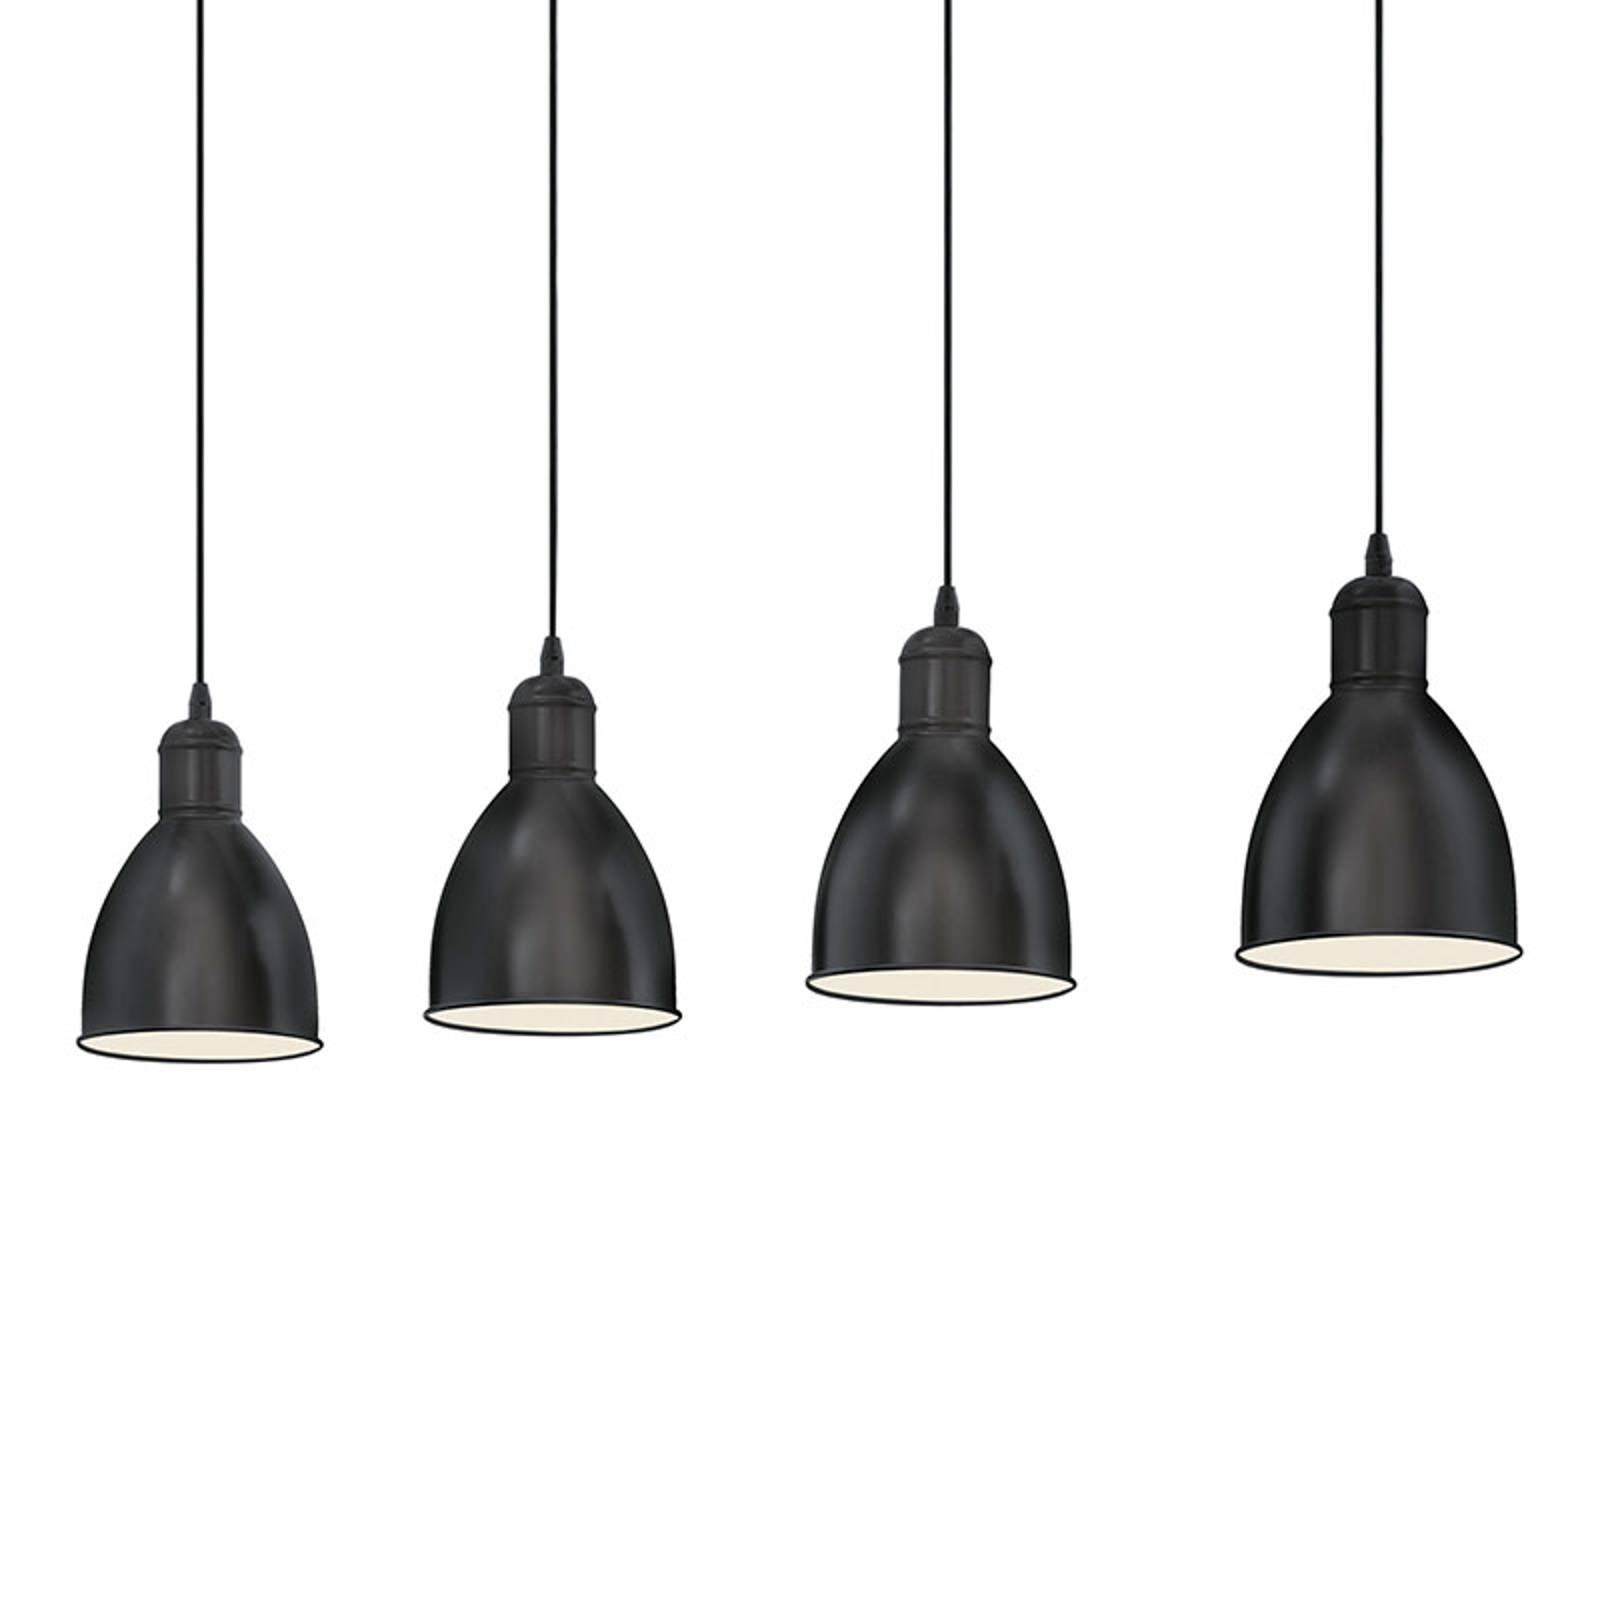 Hanglamp Priddy met vier zwarte kappen